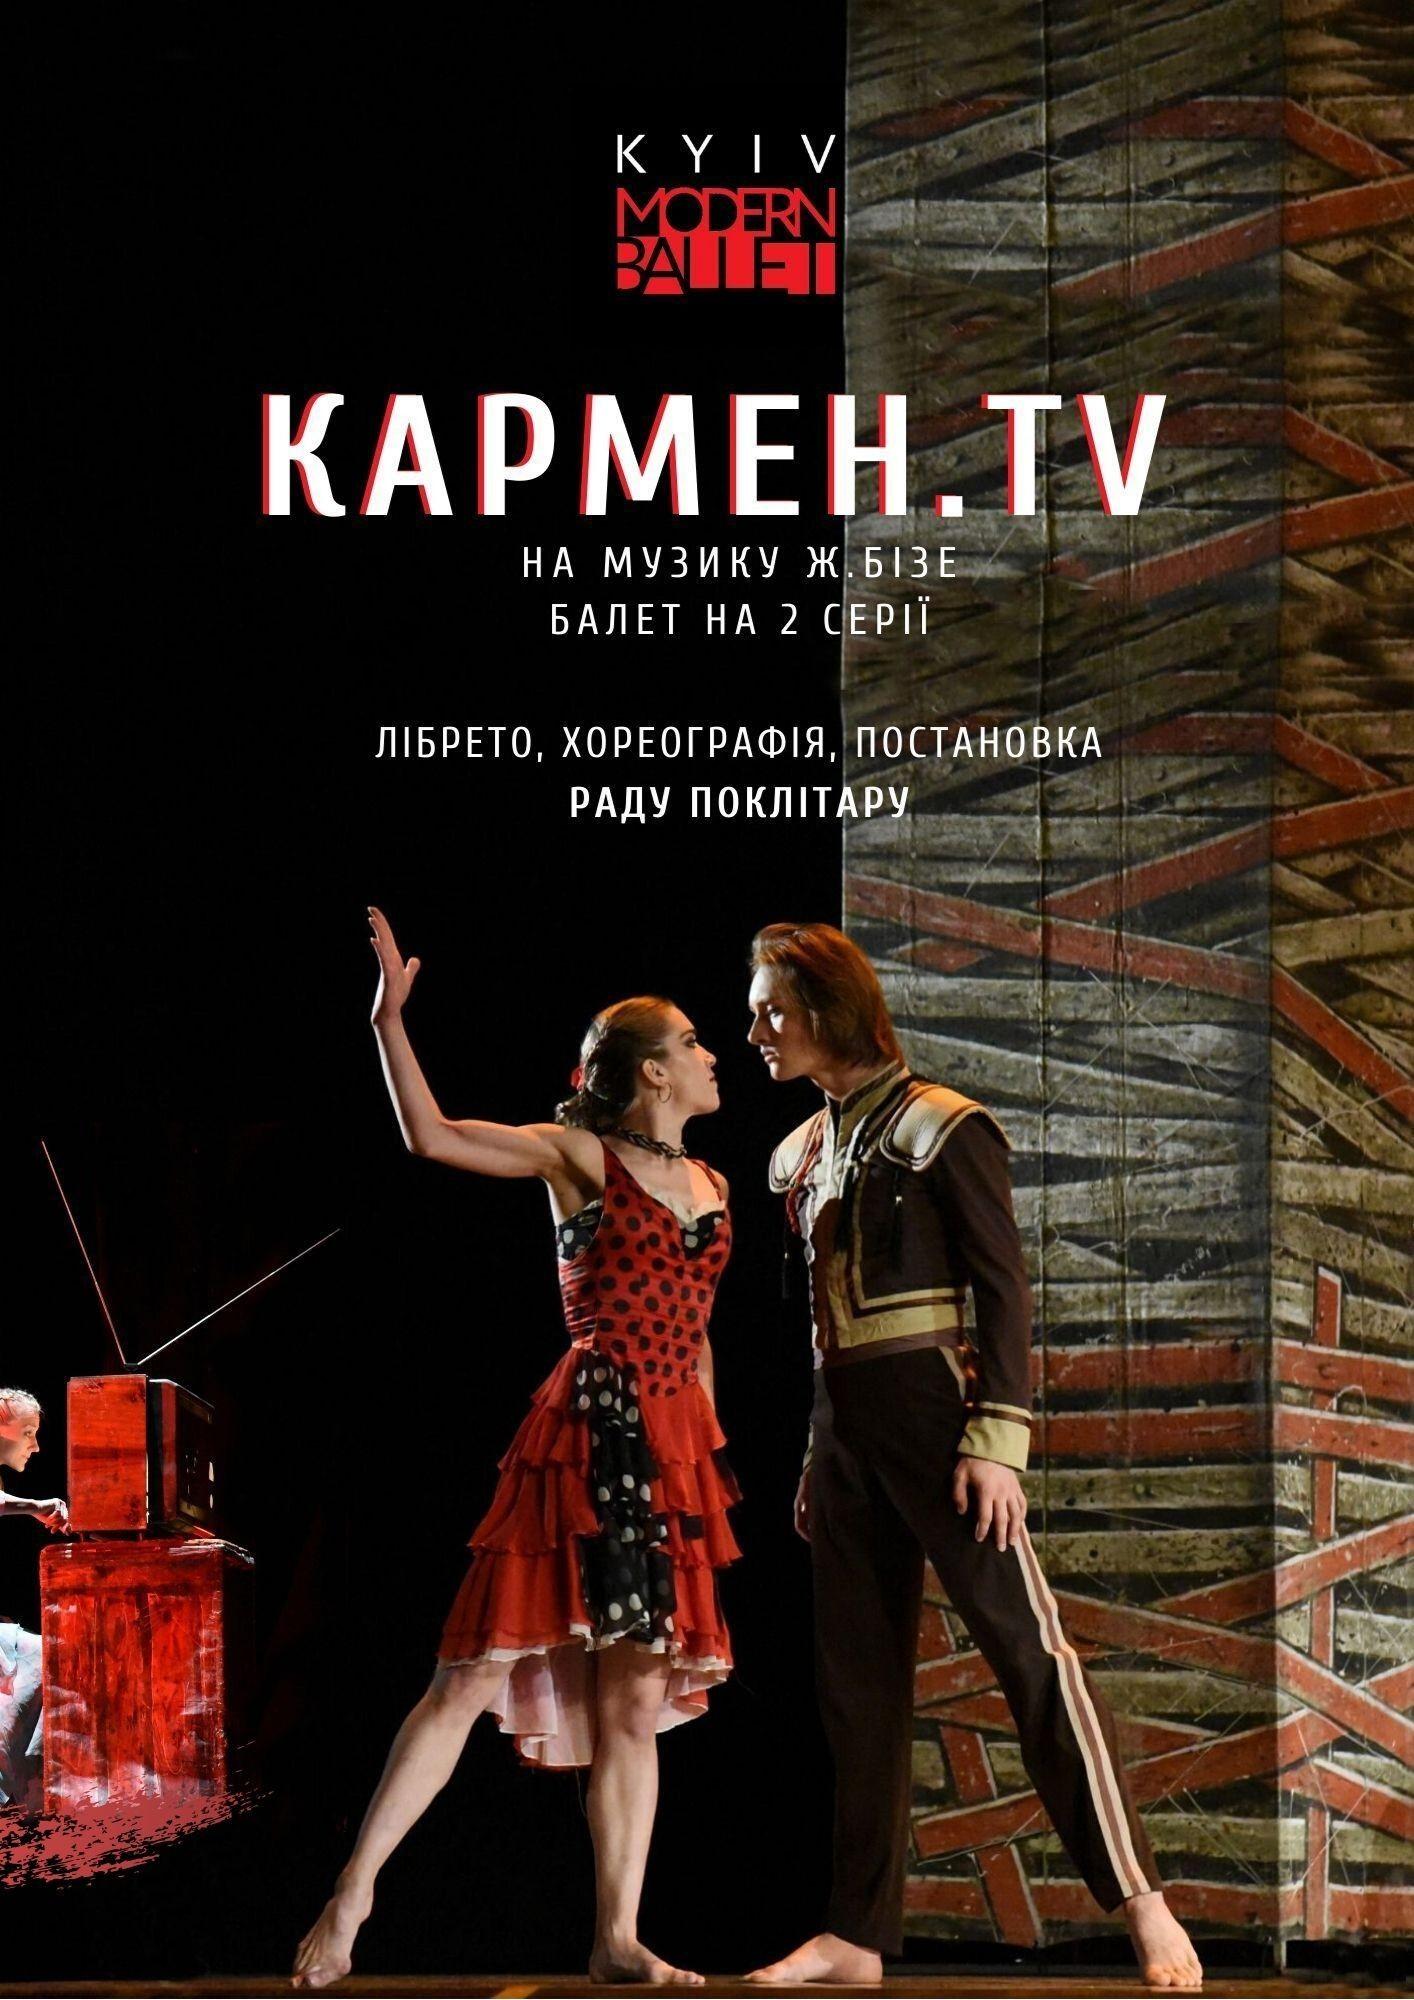 Билеты Kyiv Modern Ballet. Кармен.TV